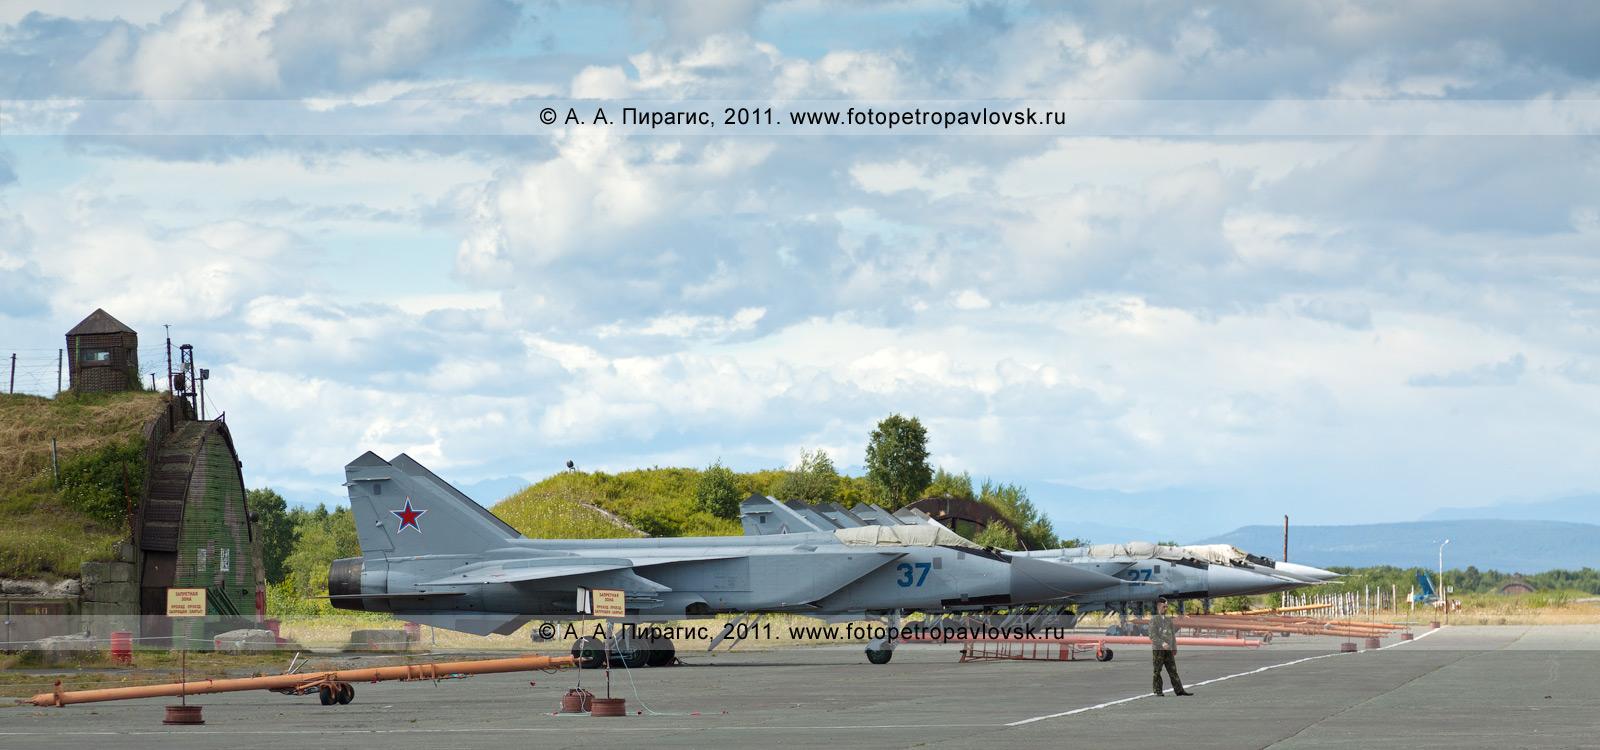 Фотография: военный аэродром, ангары и истребители МиГ-31 противовоздушной обороны дальнего действия